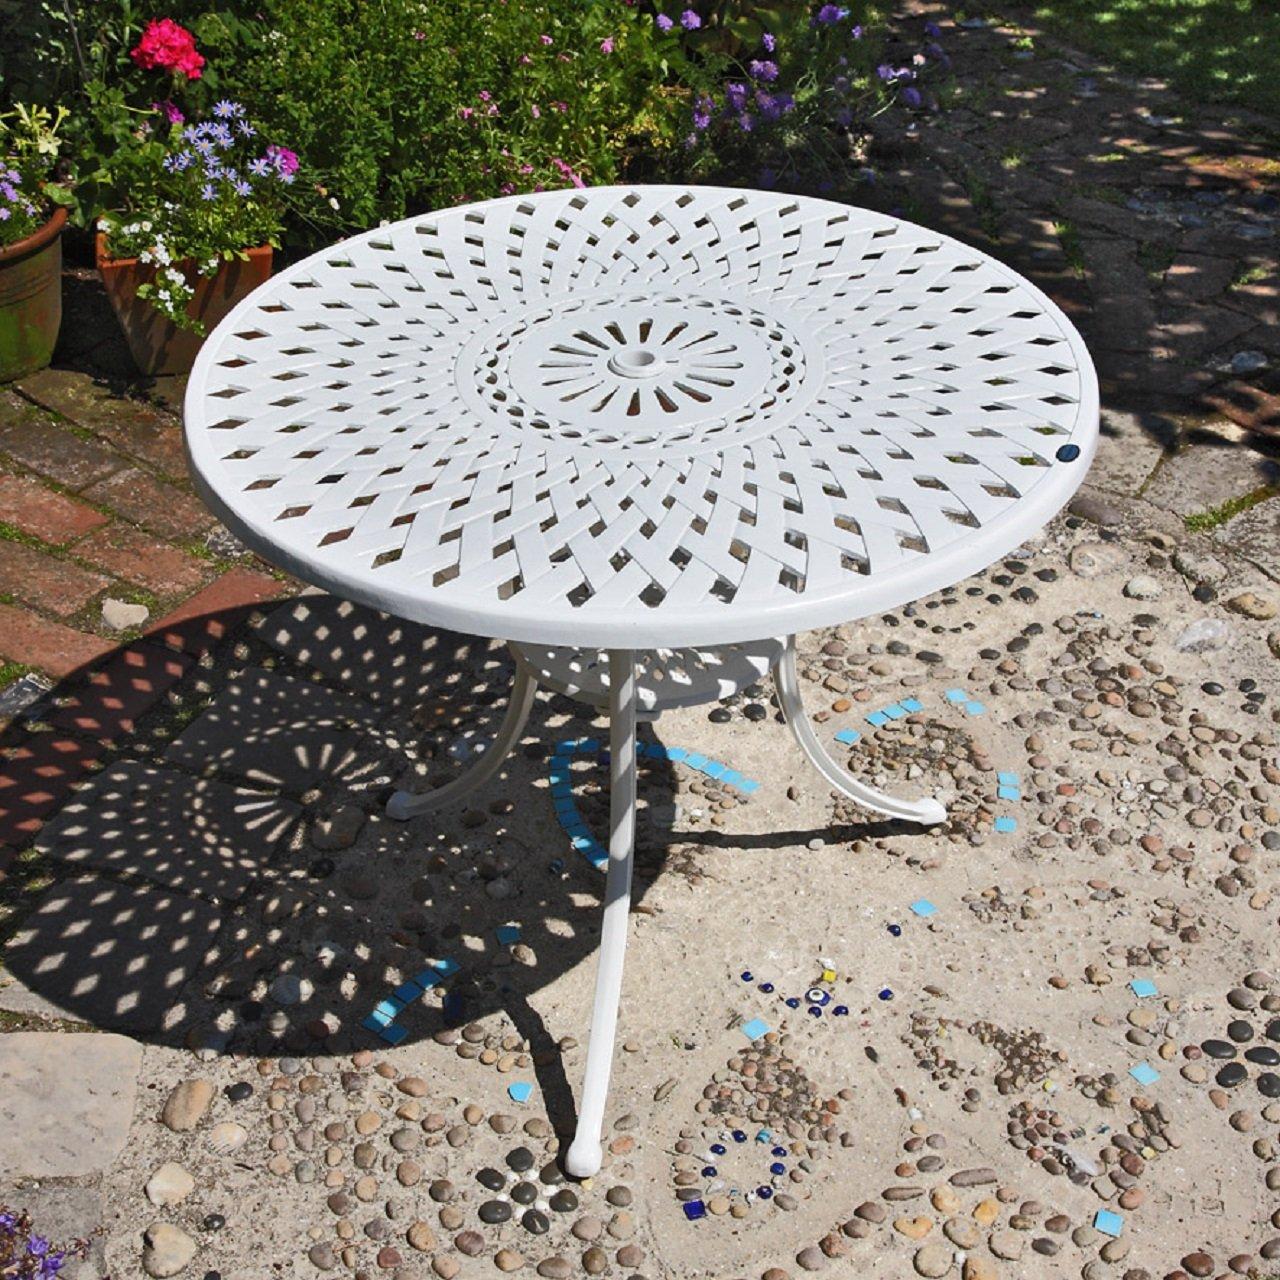 Weißes Mia 90cm rundes Gartenmöbelset Aluminium - 1Weißer MIA Tisch + 4 Weiße APRIL Stühle